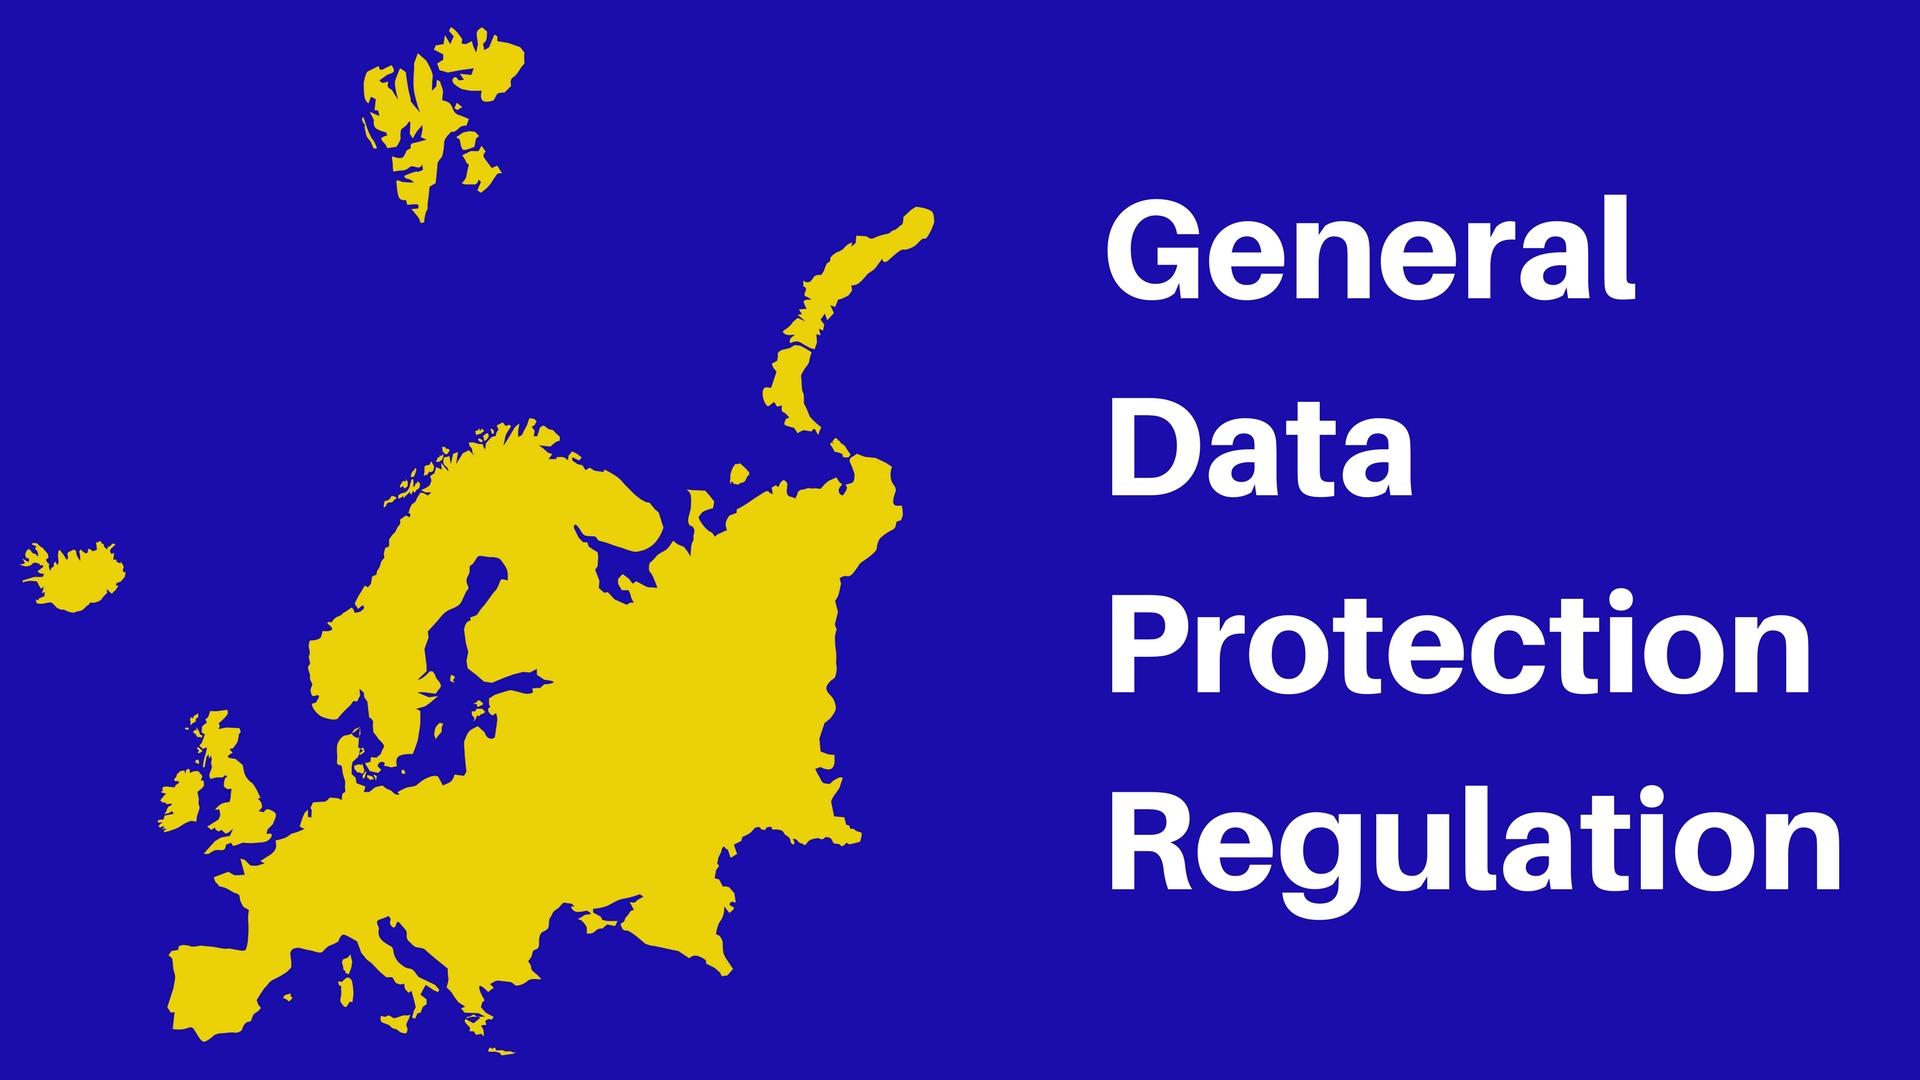 Nueva normativa protección de datos europea GDPR